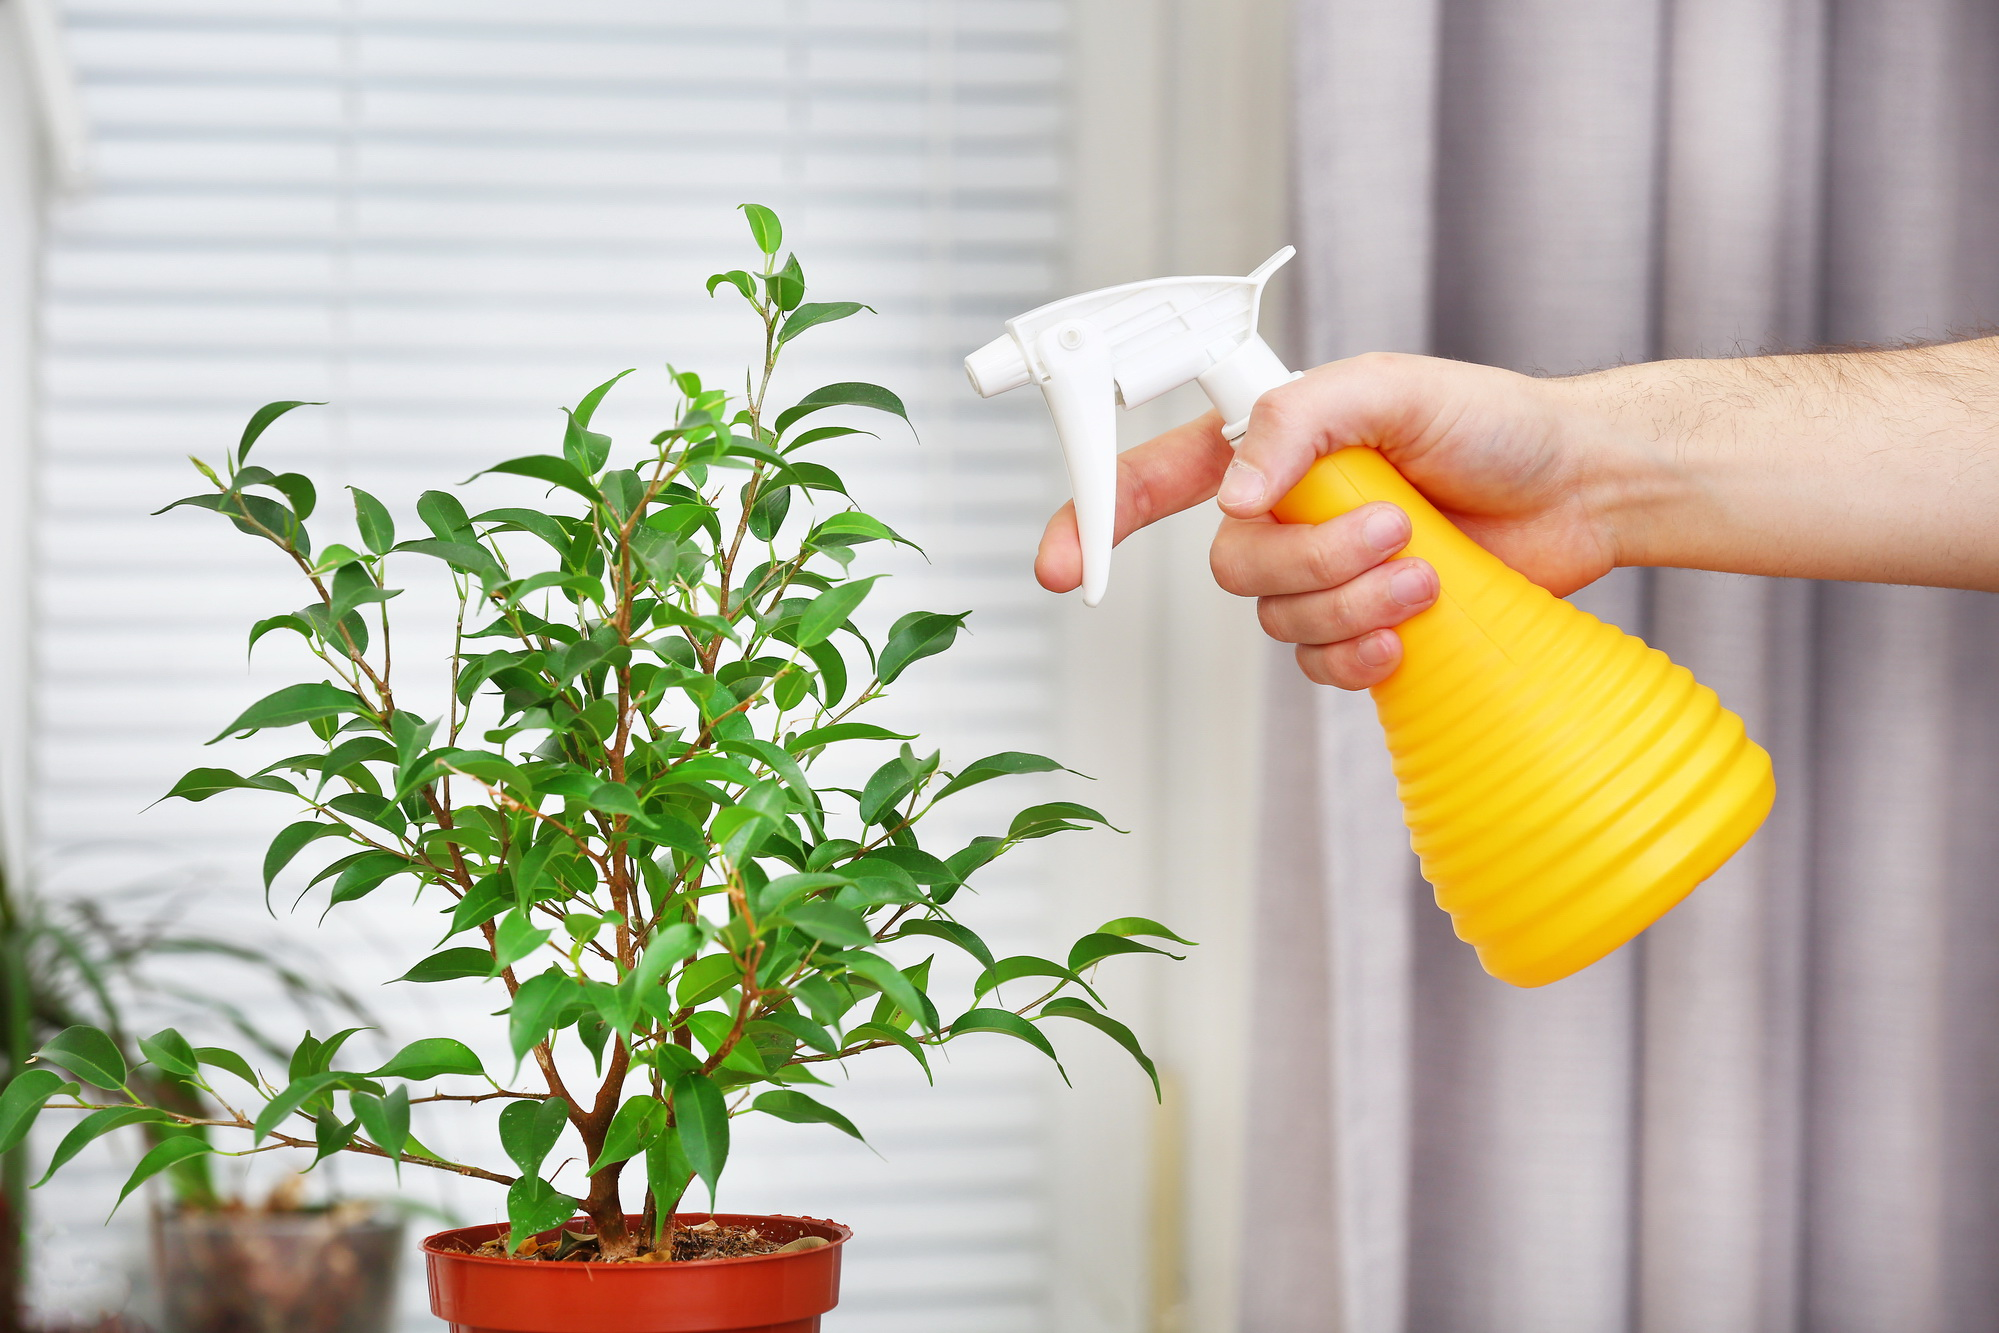 Сладкие капли на растениях